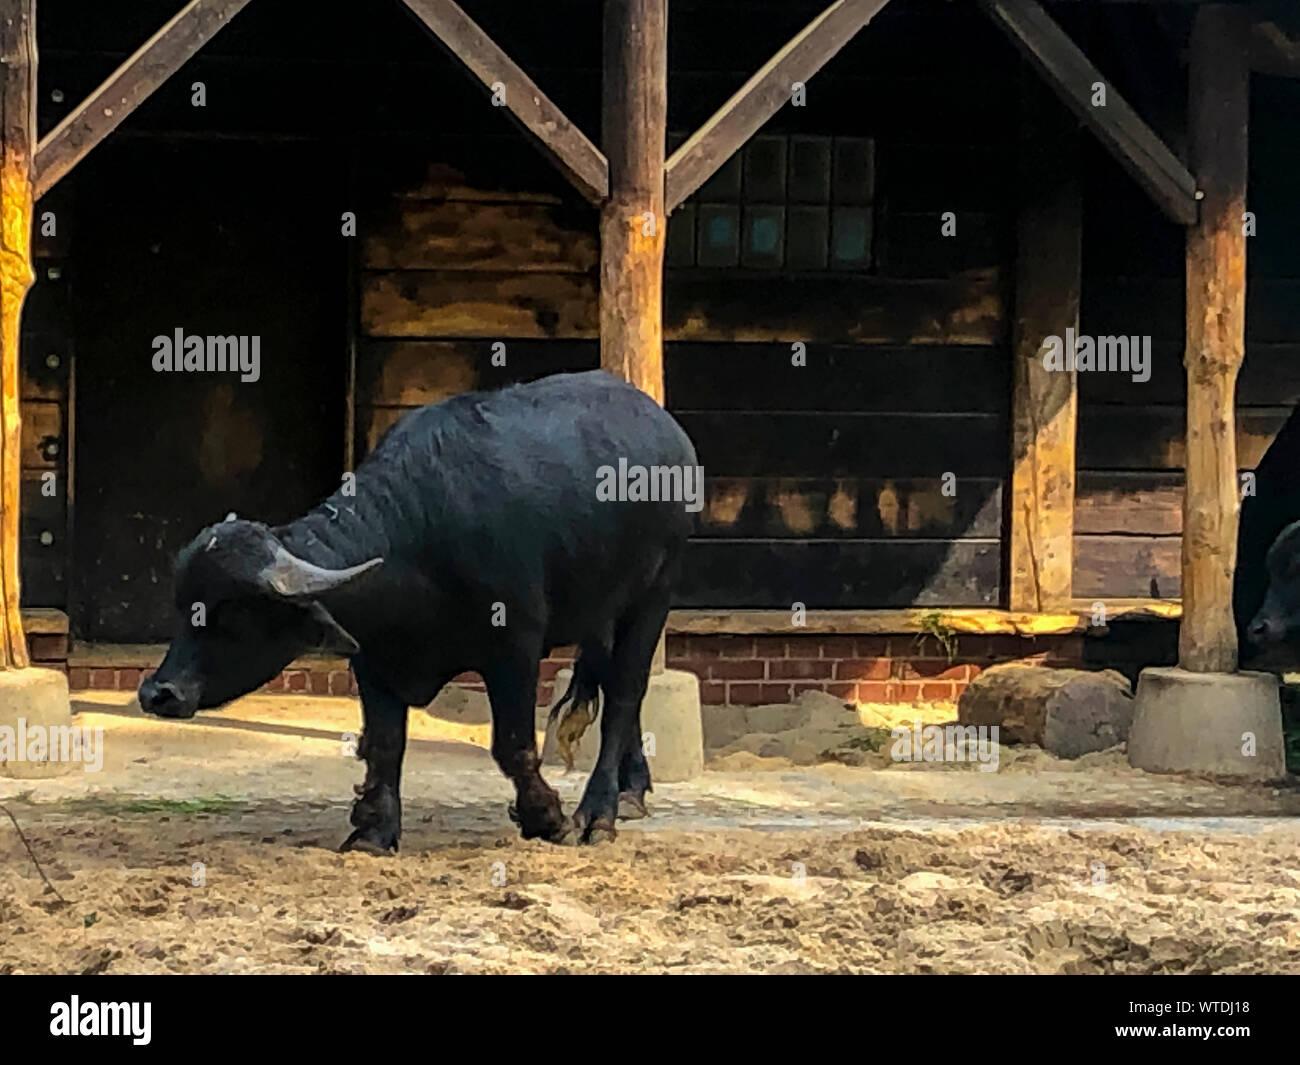 Adult and strong buffalo. Powerful and big animal. Stock Photo